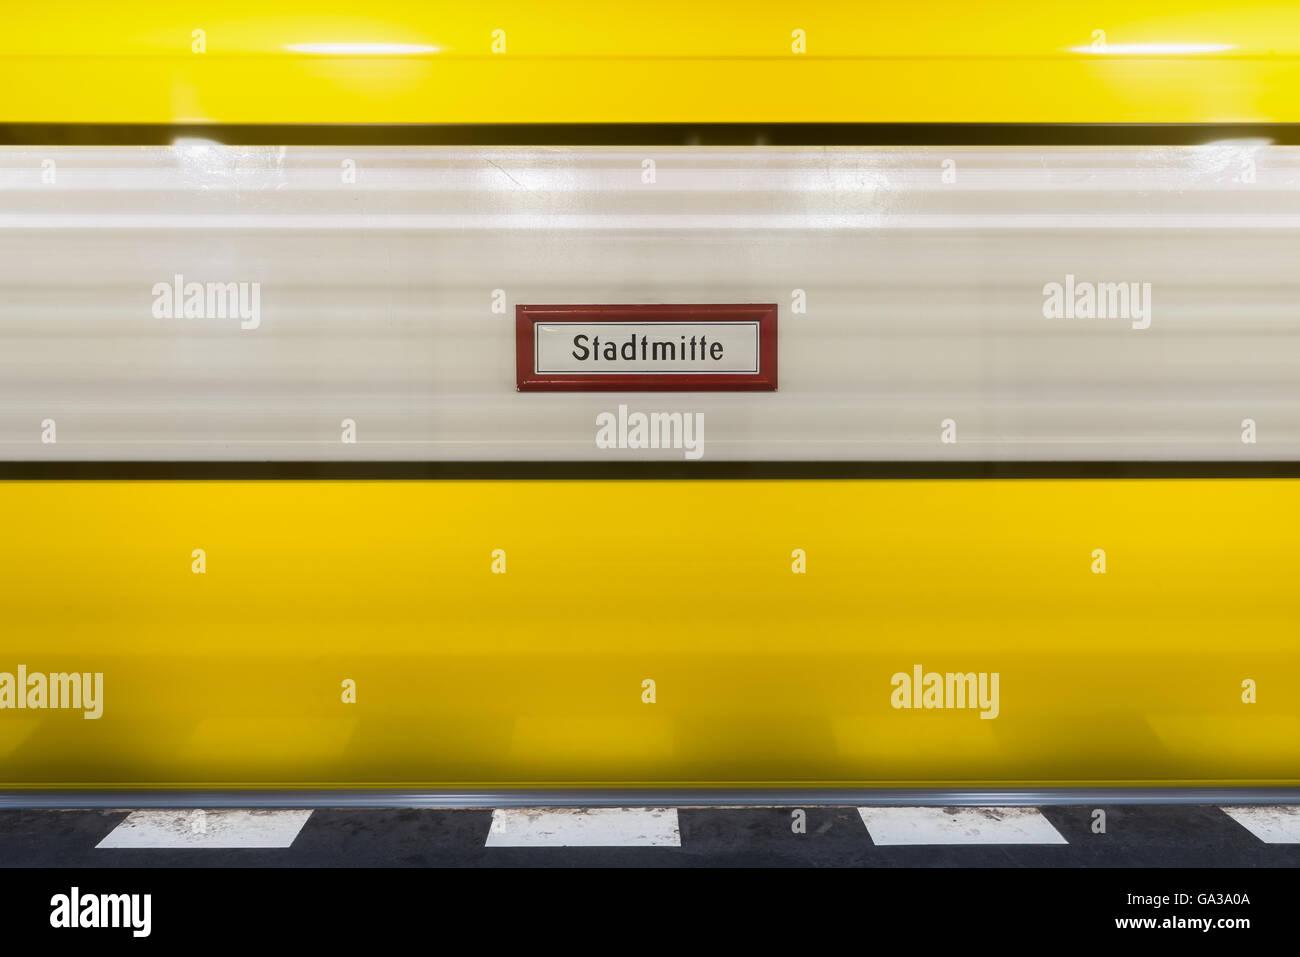 Stadtmitte Sign, Berlin - Stock Image